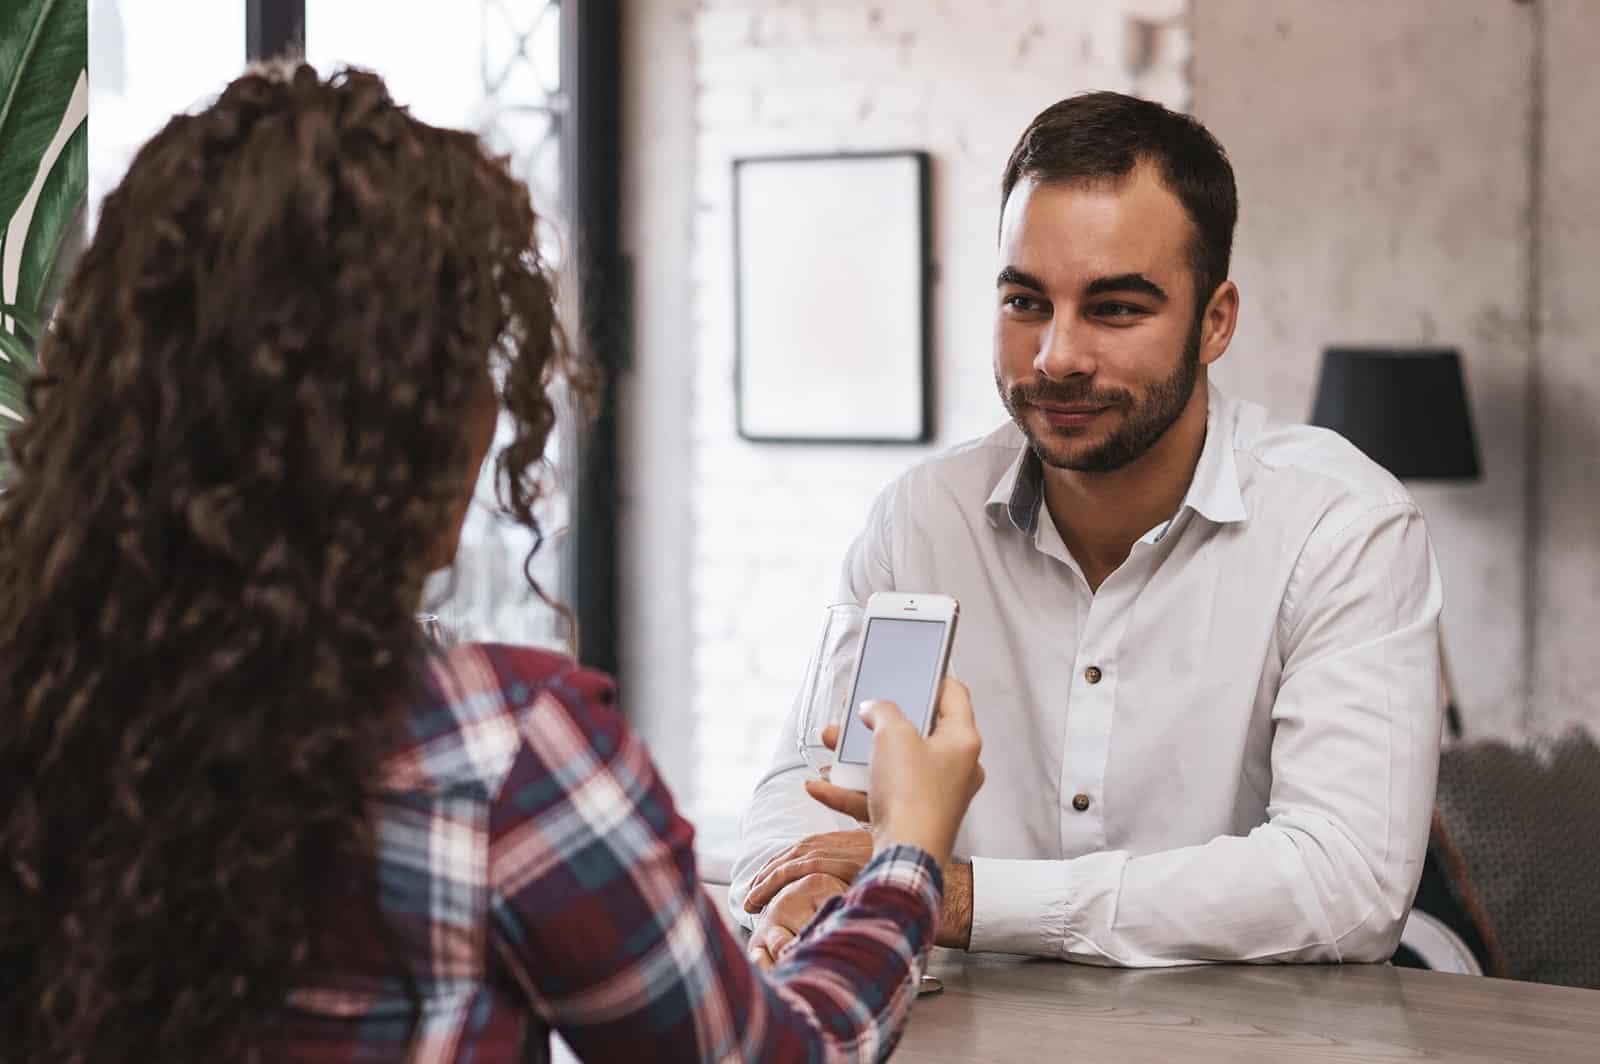 ein Mann, der eine Frau mit ihrem Smartphone an einem Datum betrachtet